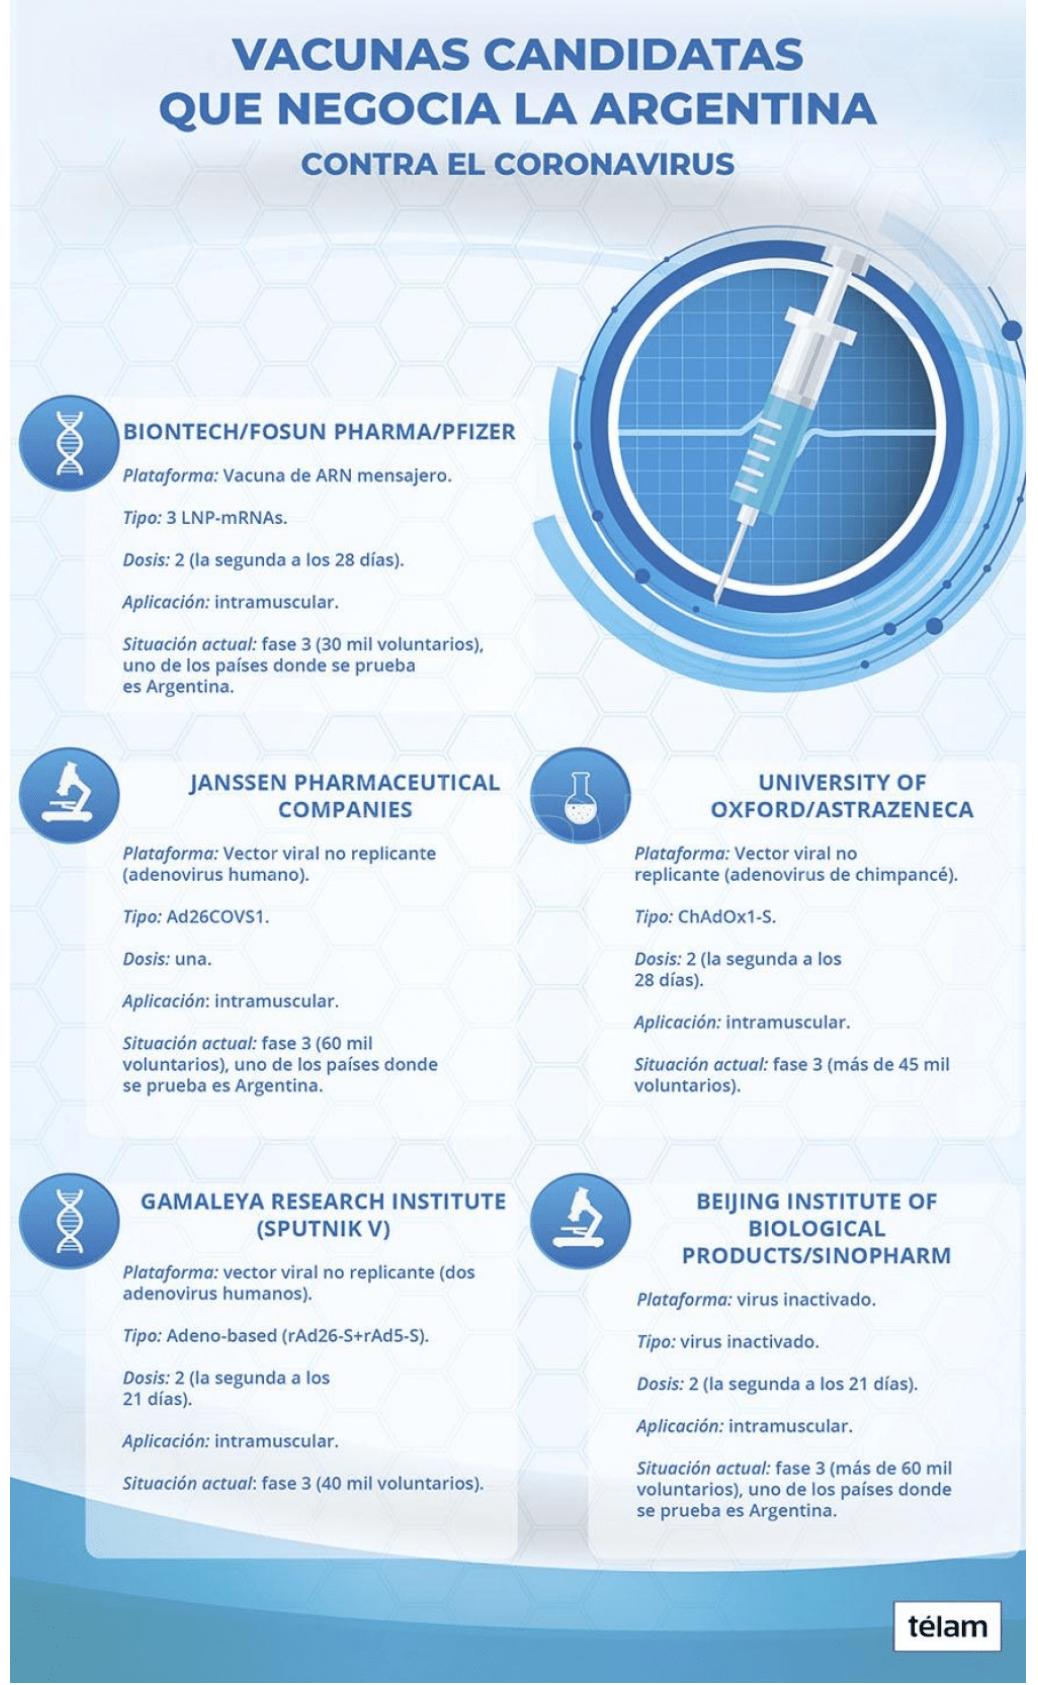 Las cinco vacunas candidatas contra el coronavirus que podrían aplicarse en Argentina 1